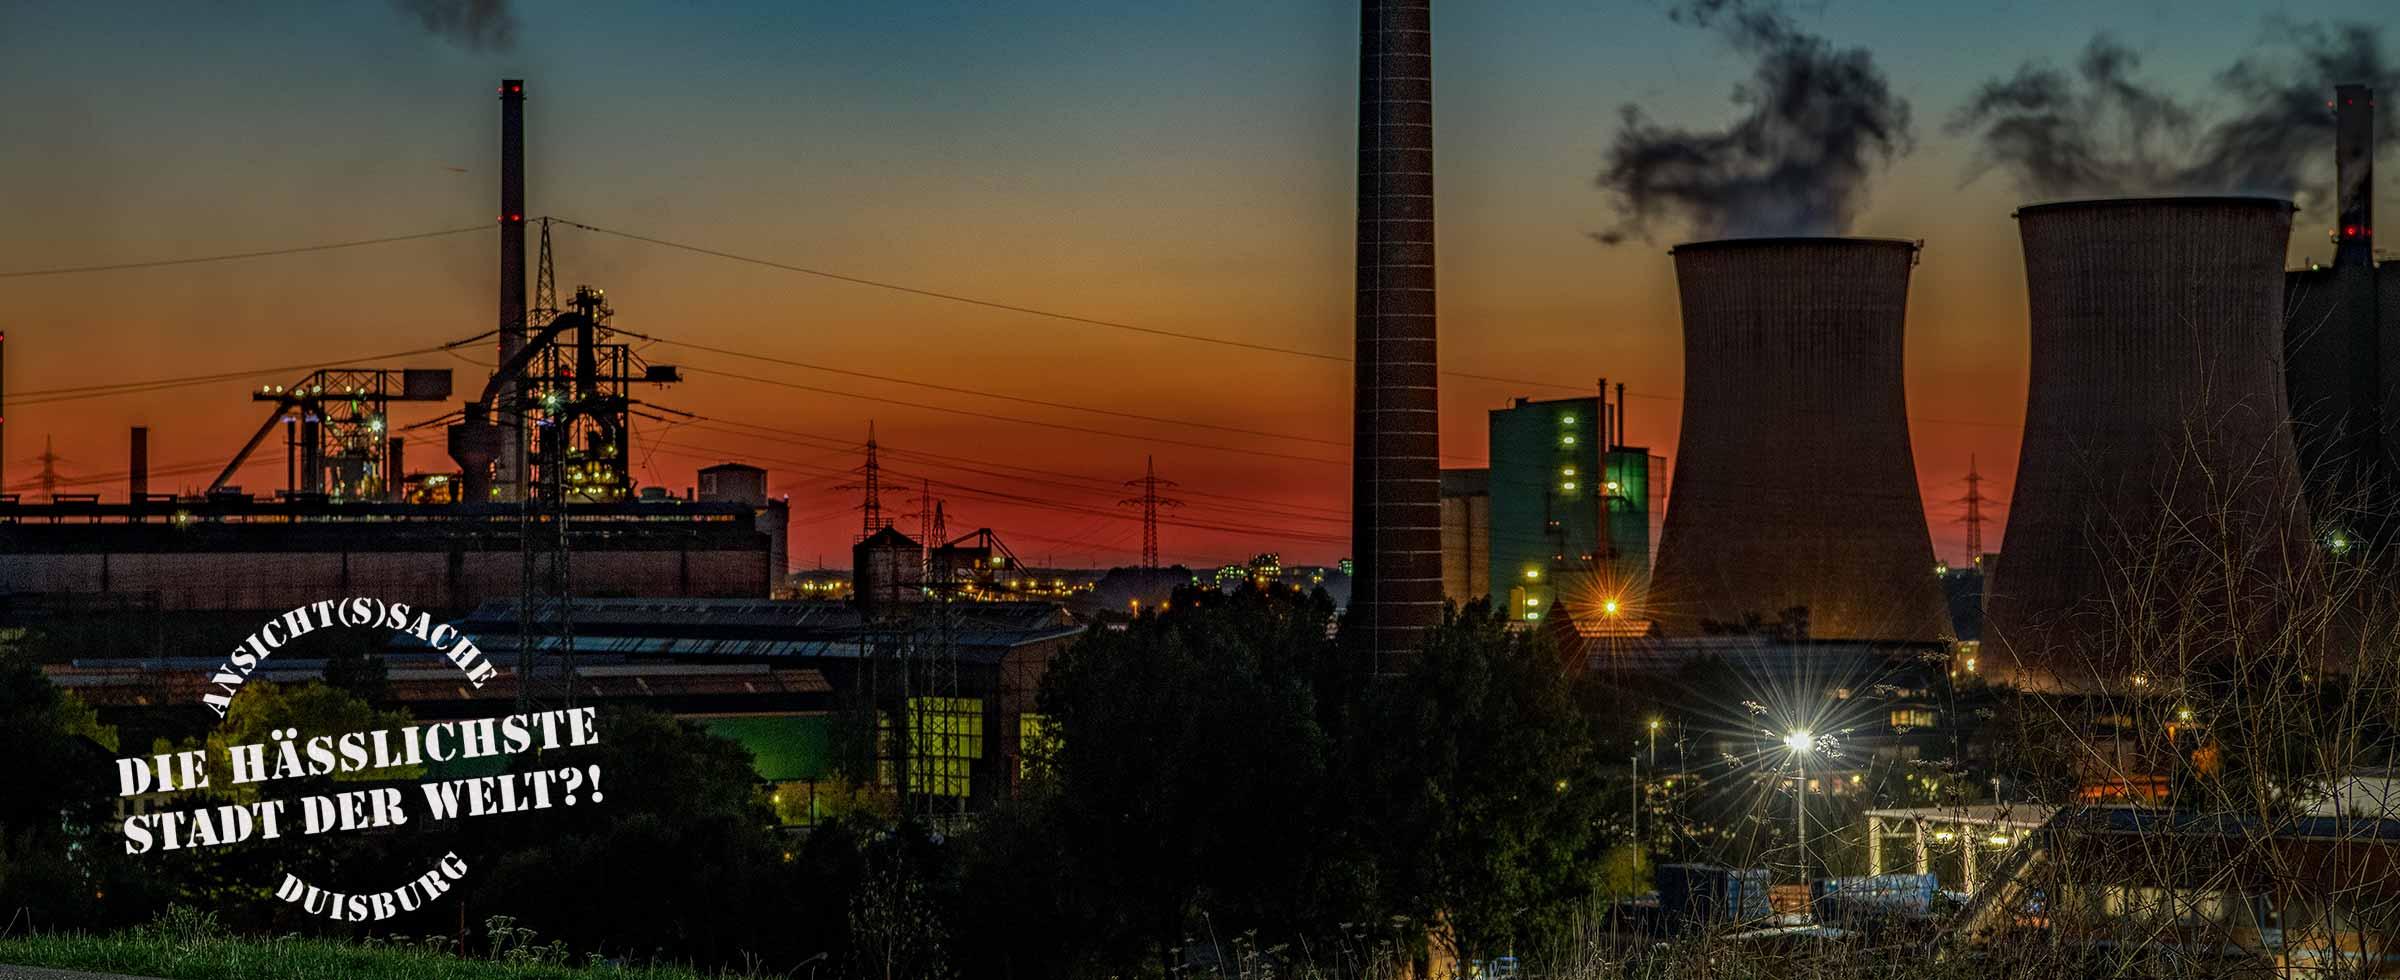 Die hässlichste Stadt der Welt?! Ansicht(s)Sache Duisburg